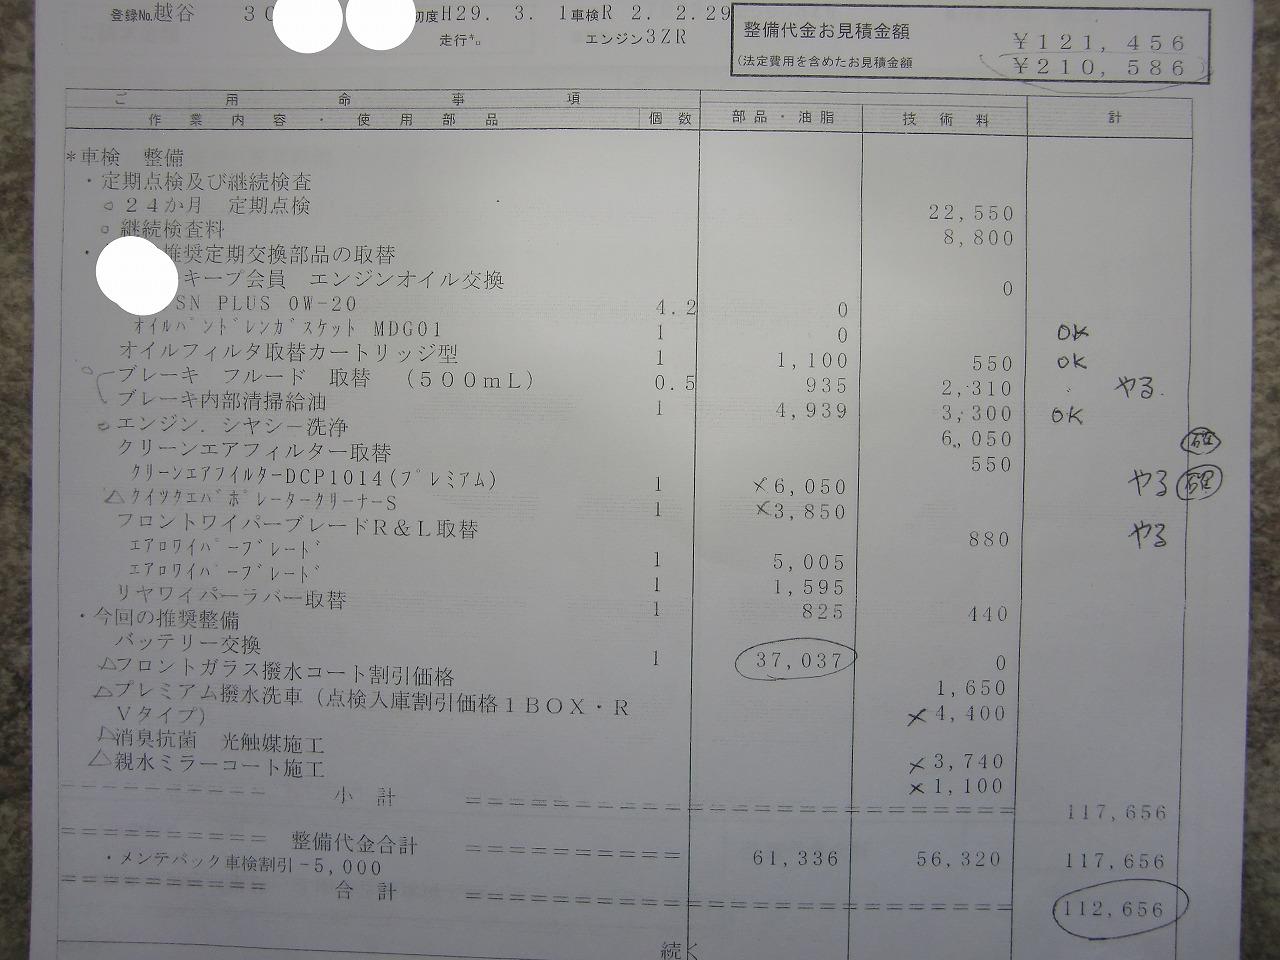 【見積り比較】車検費用をディーラーさんと比べてみました☆車検のコバック越谷店